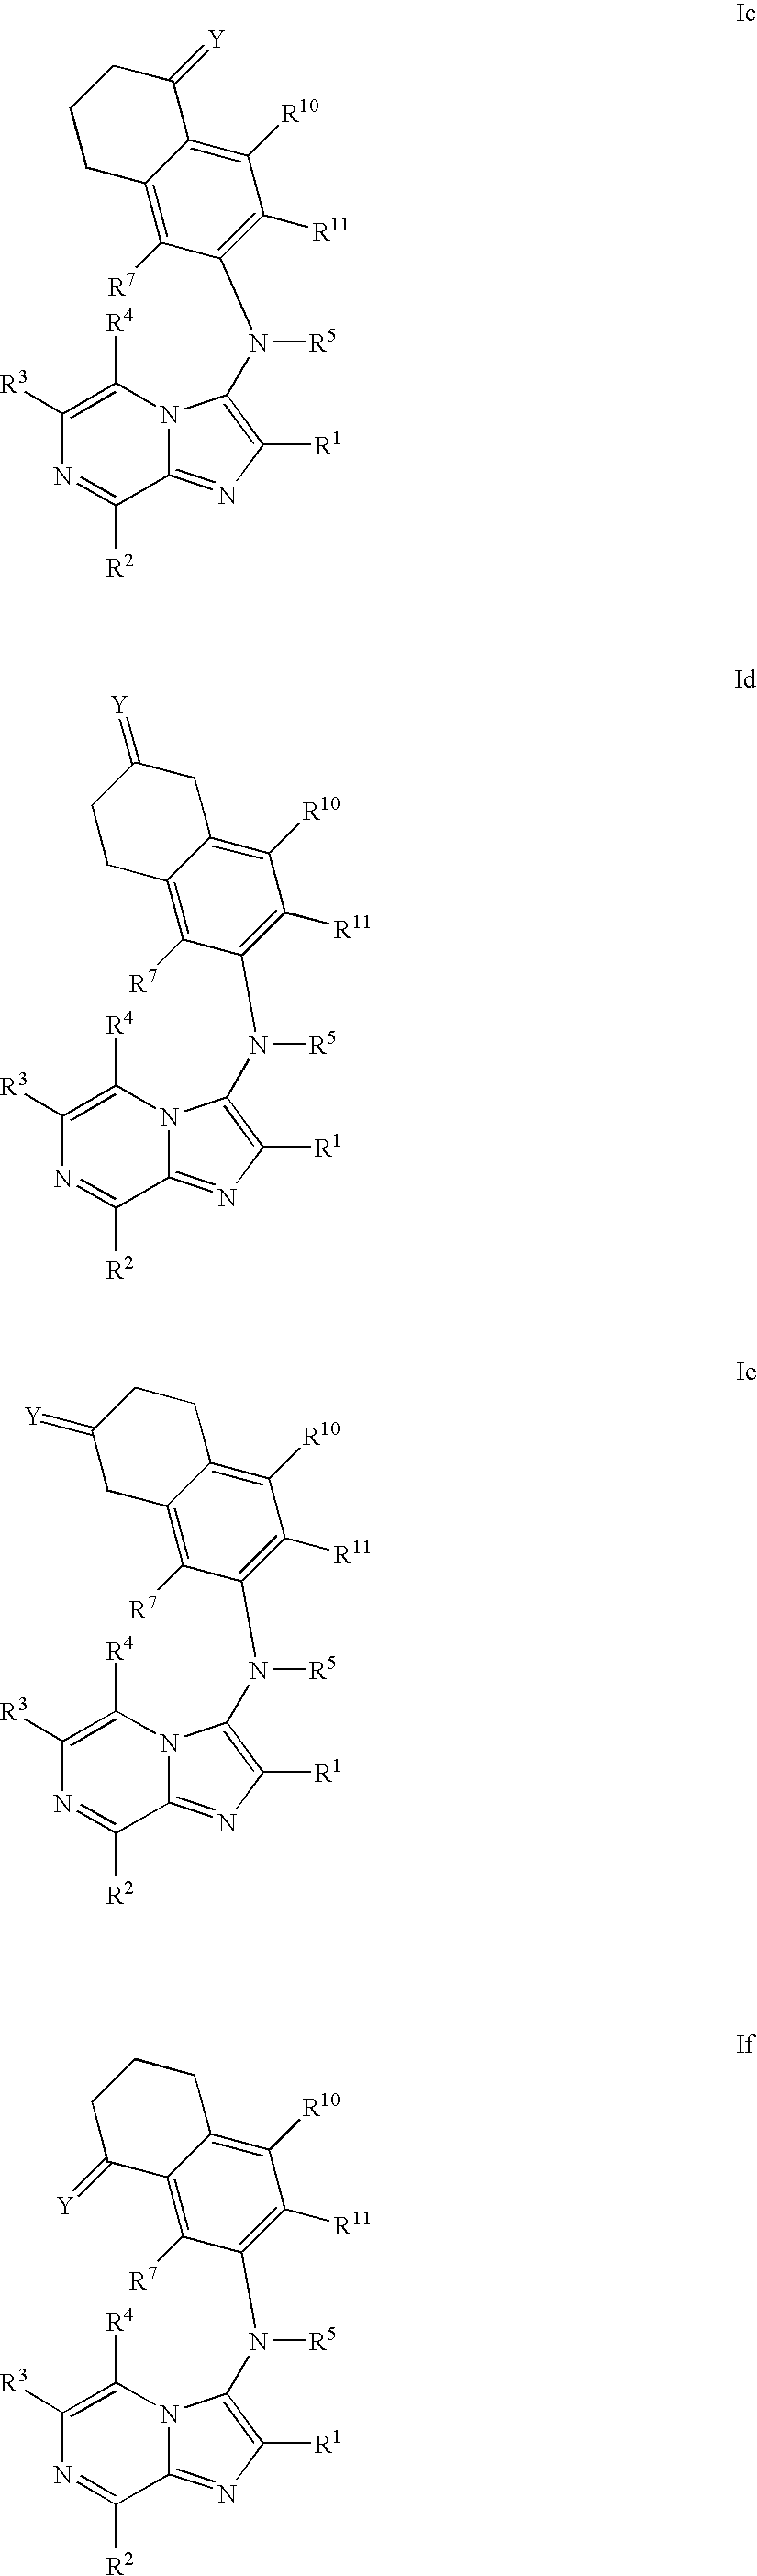 Figure US07566716-20090728-C00007